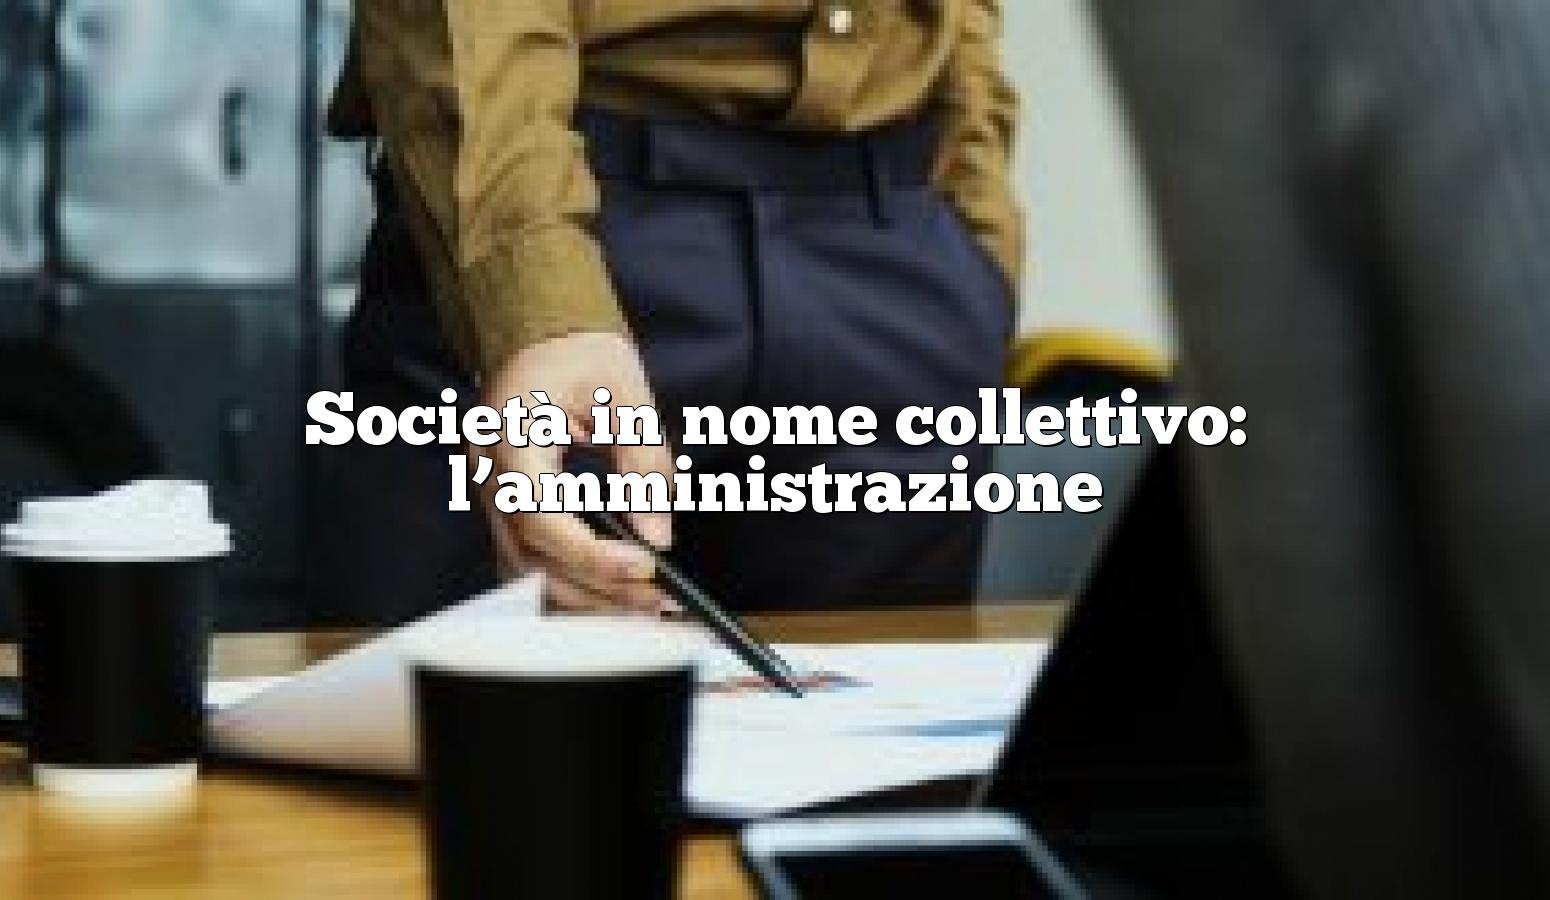 Società in nome collettivo: l'amministrazione